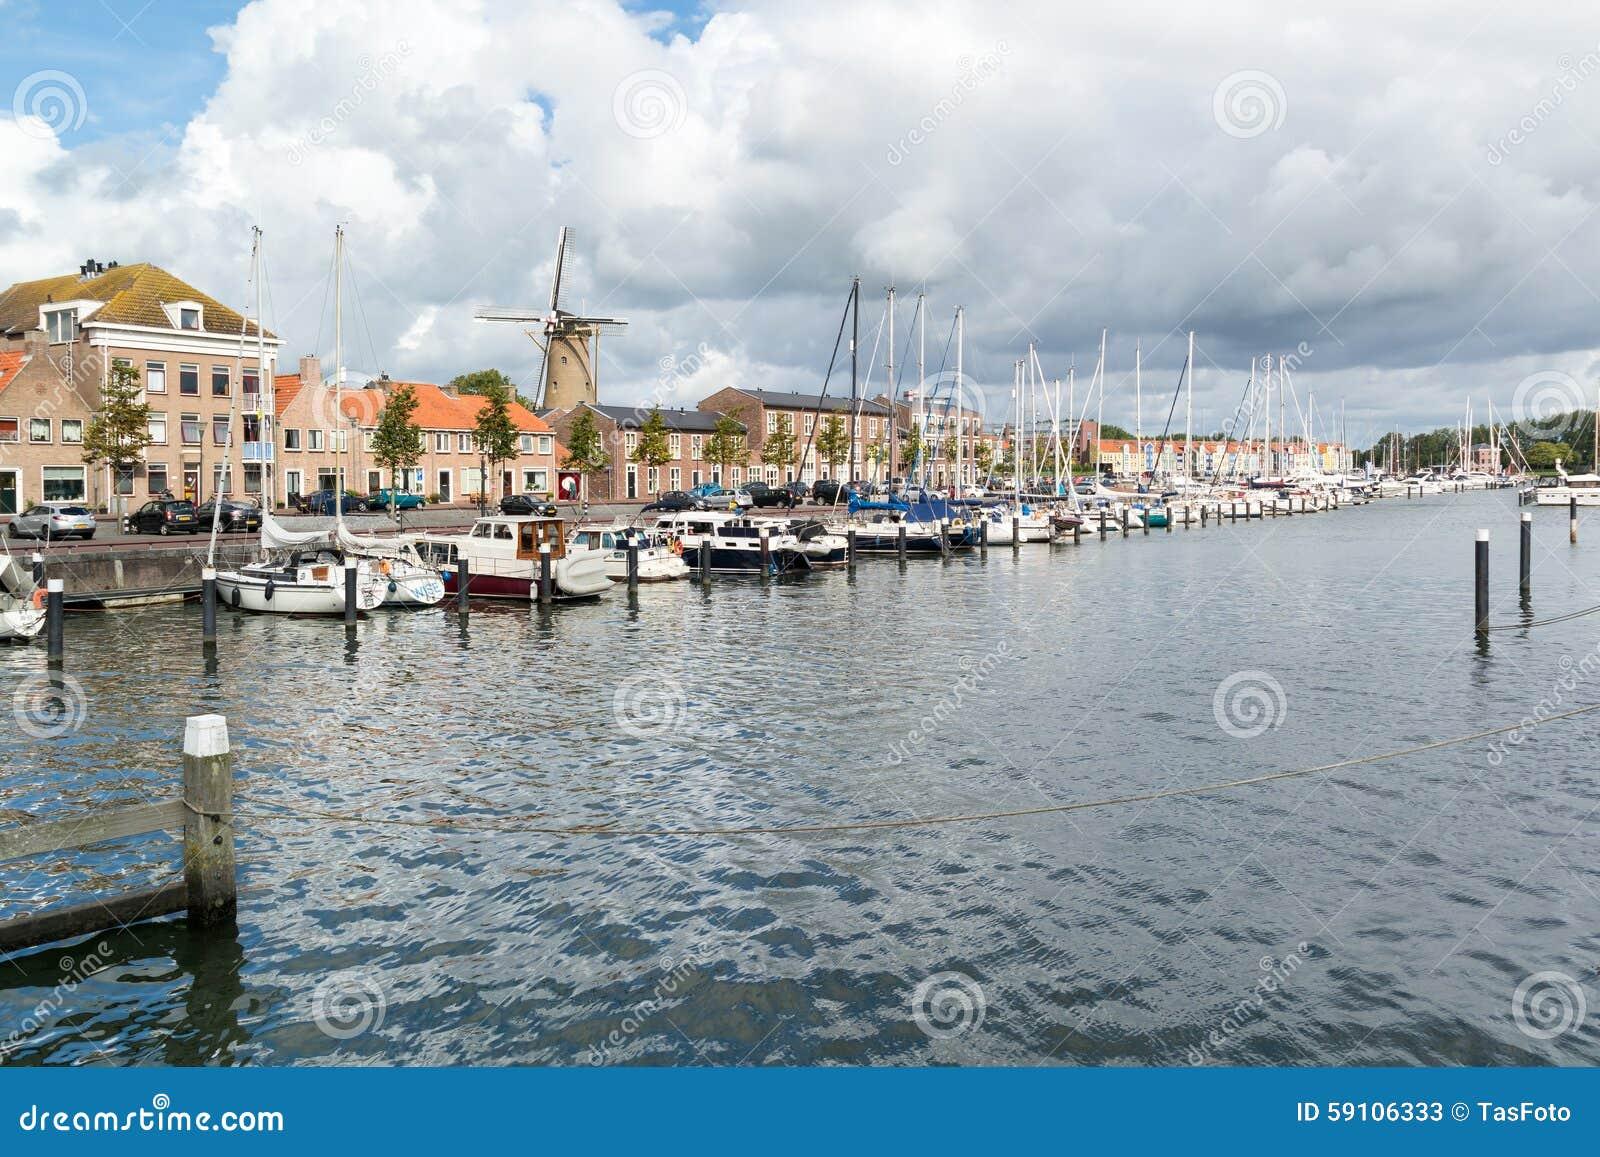 赫勒富茨劳斯,荷兰港口